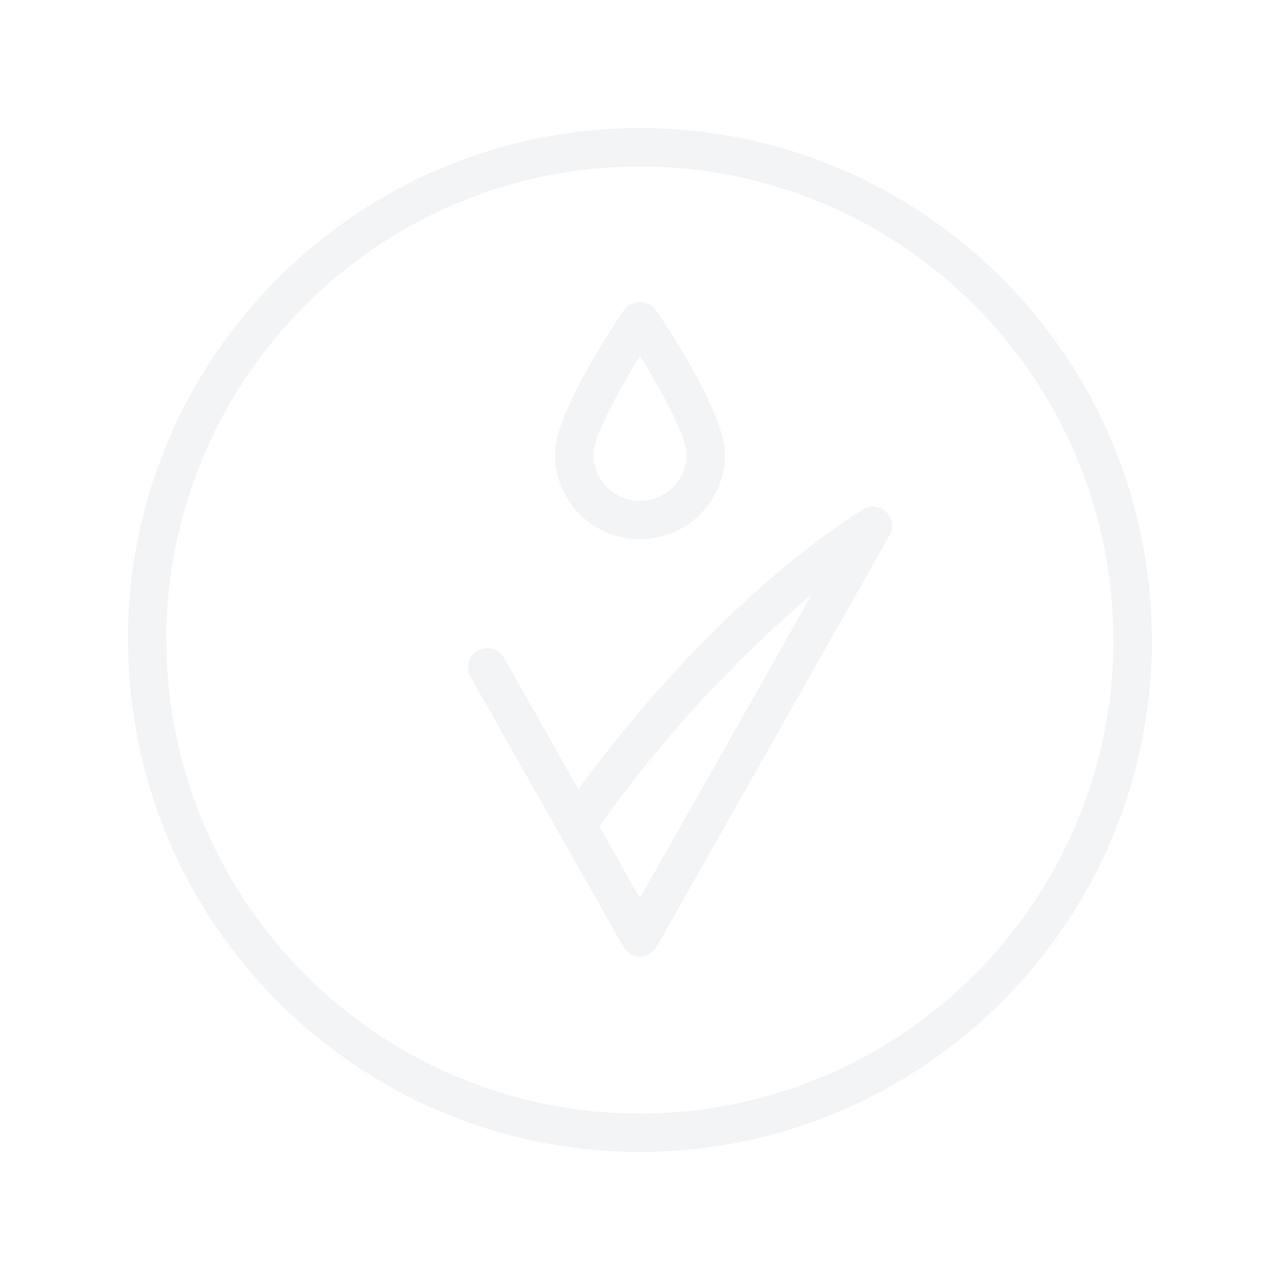 L'OREAL PROFESSIONNEL Source Essentielle Nourishing Oil 70ml